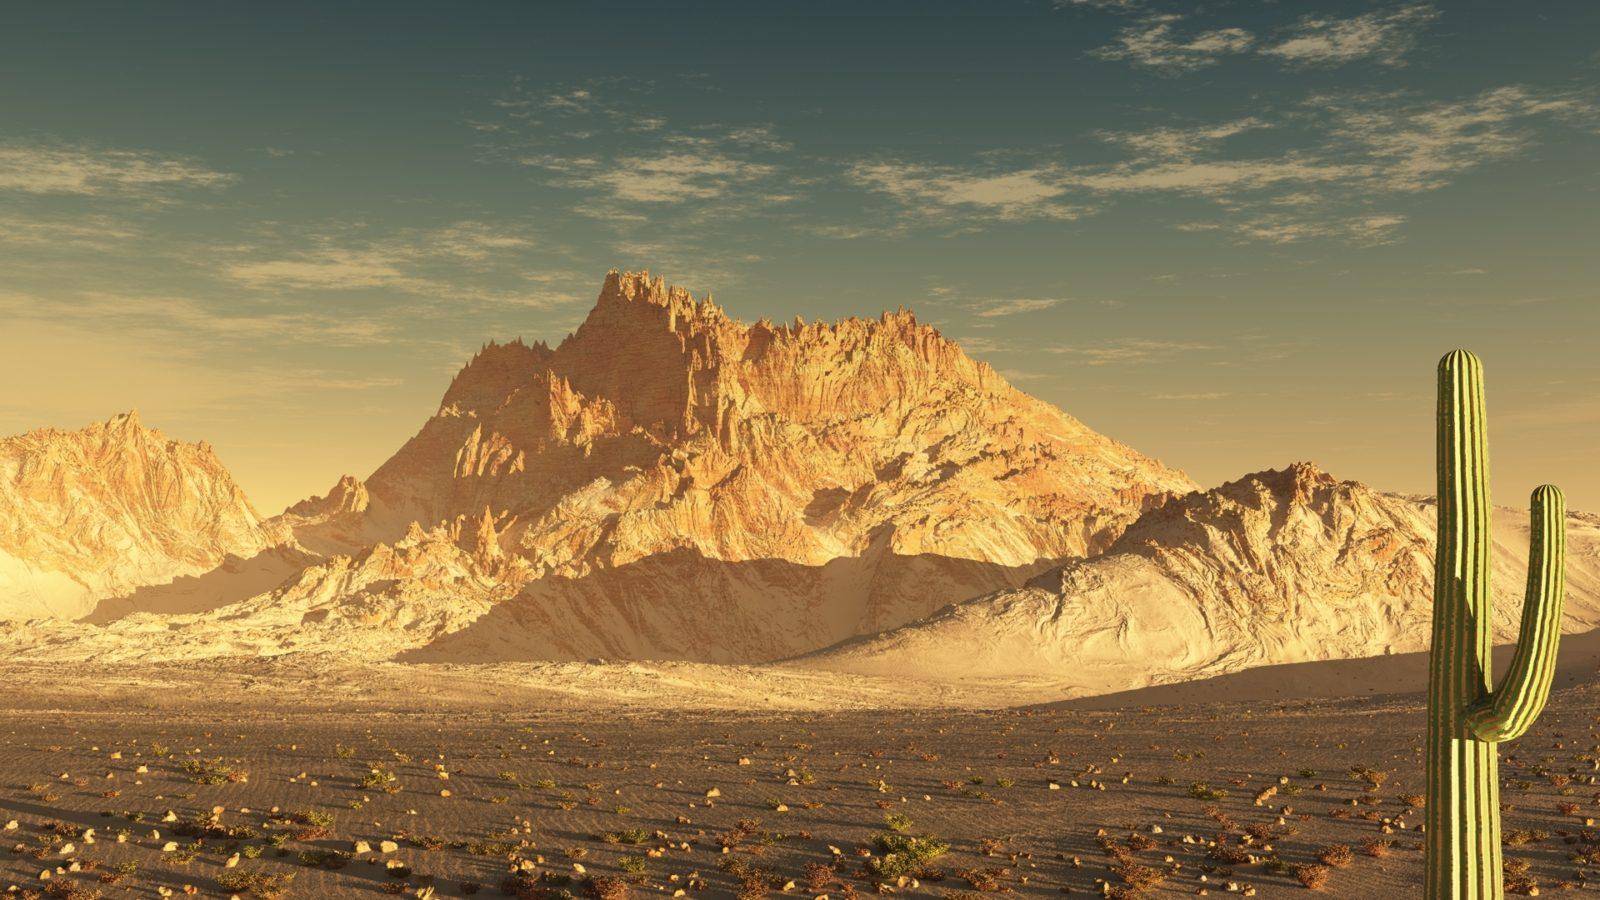 горы в пустыне 5